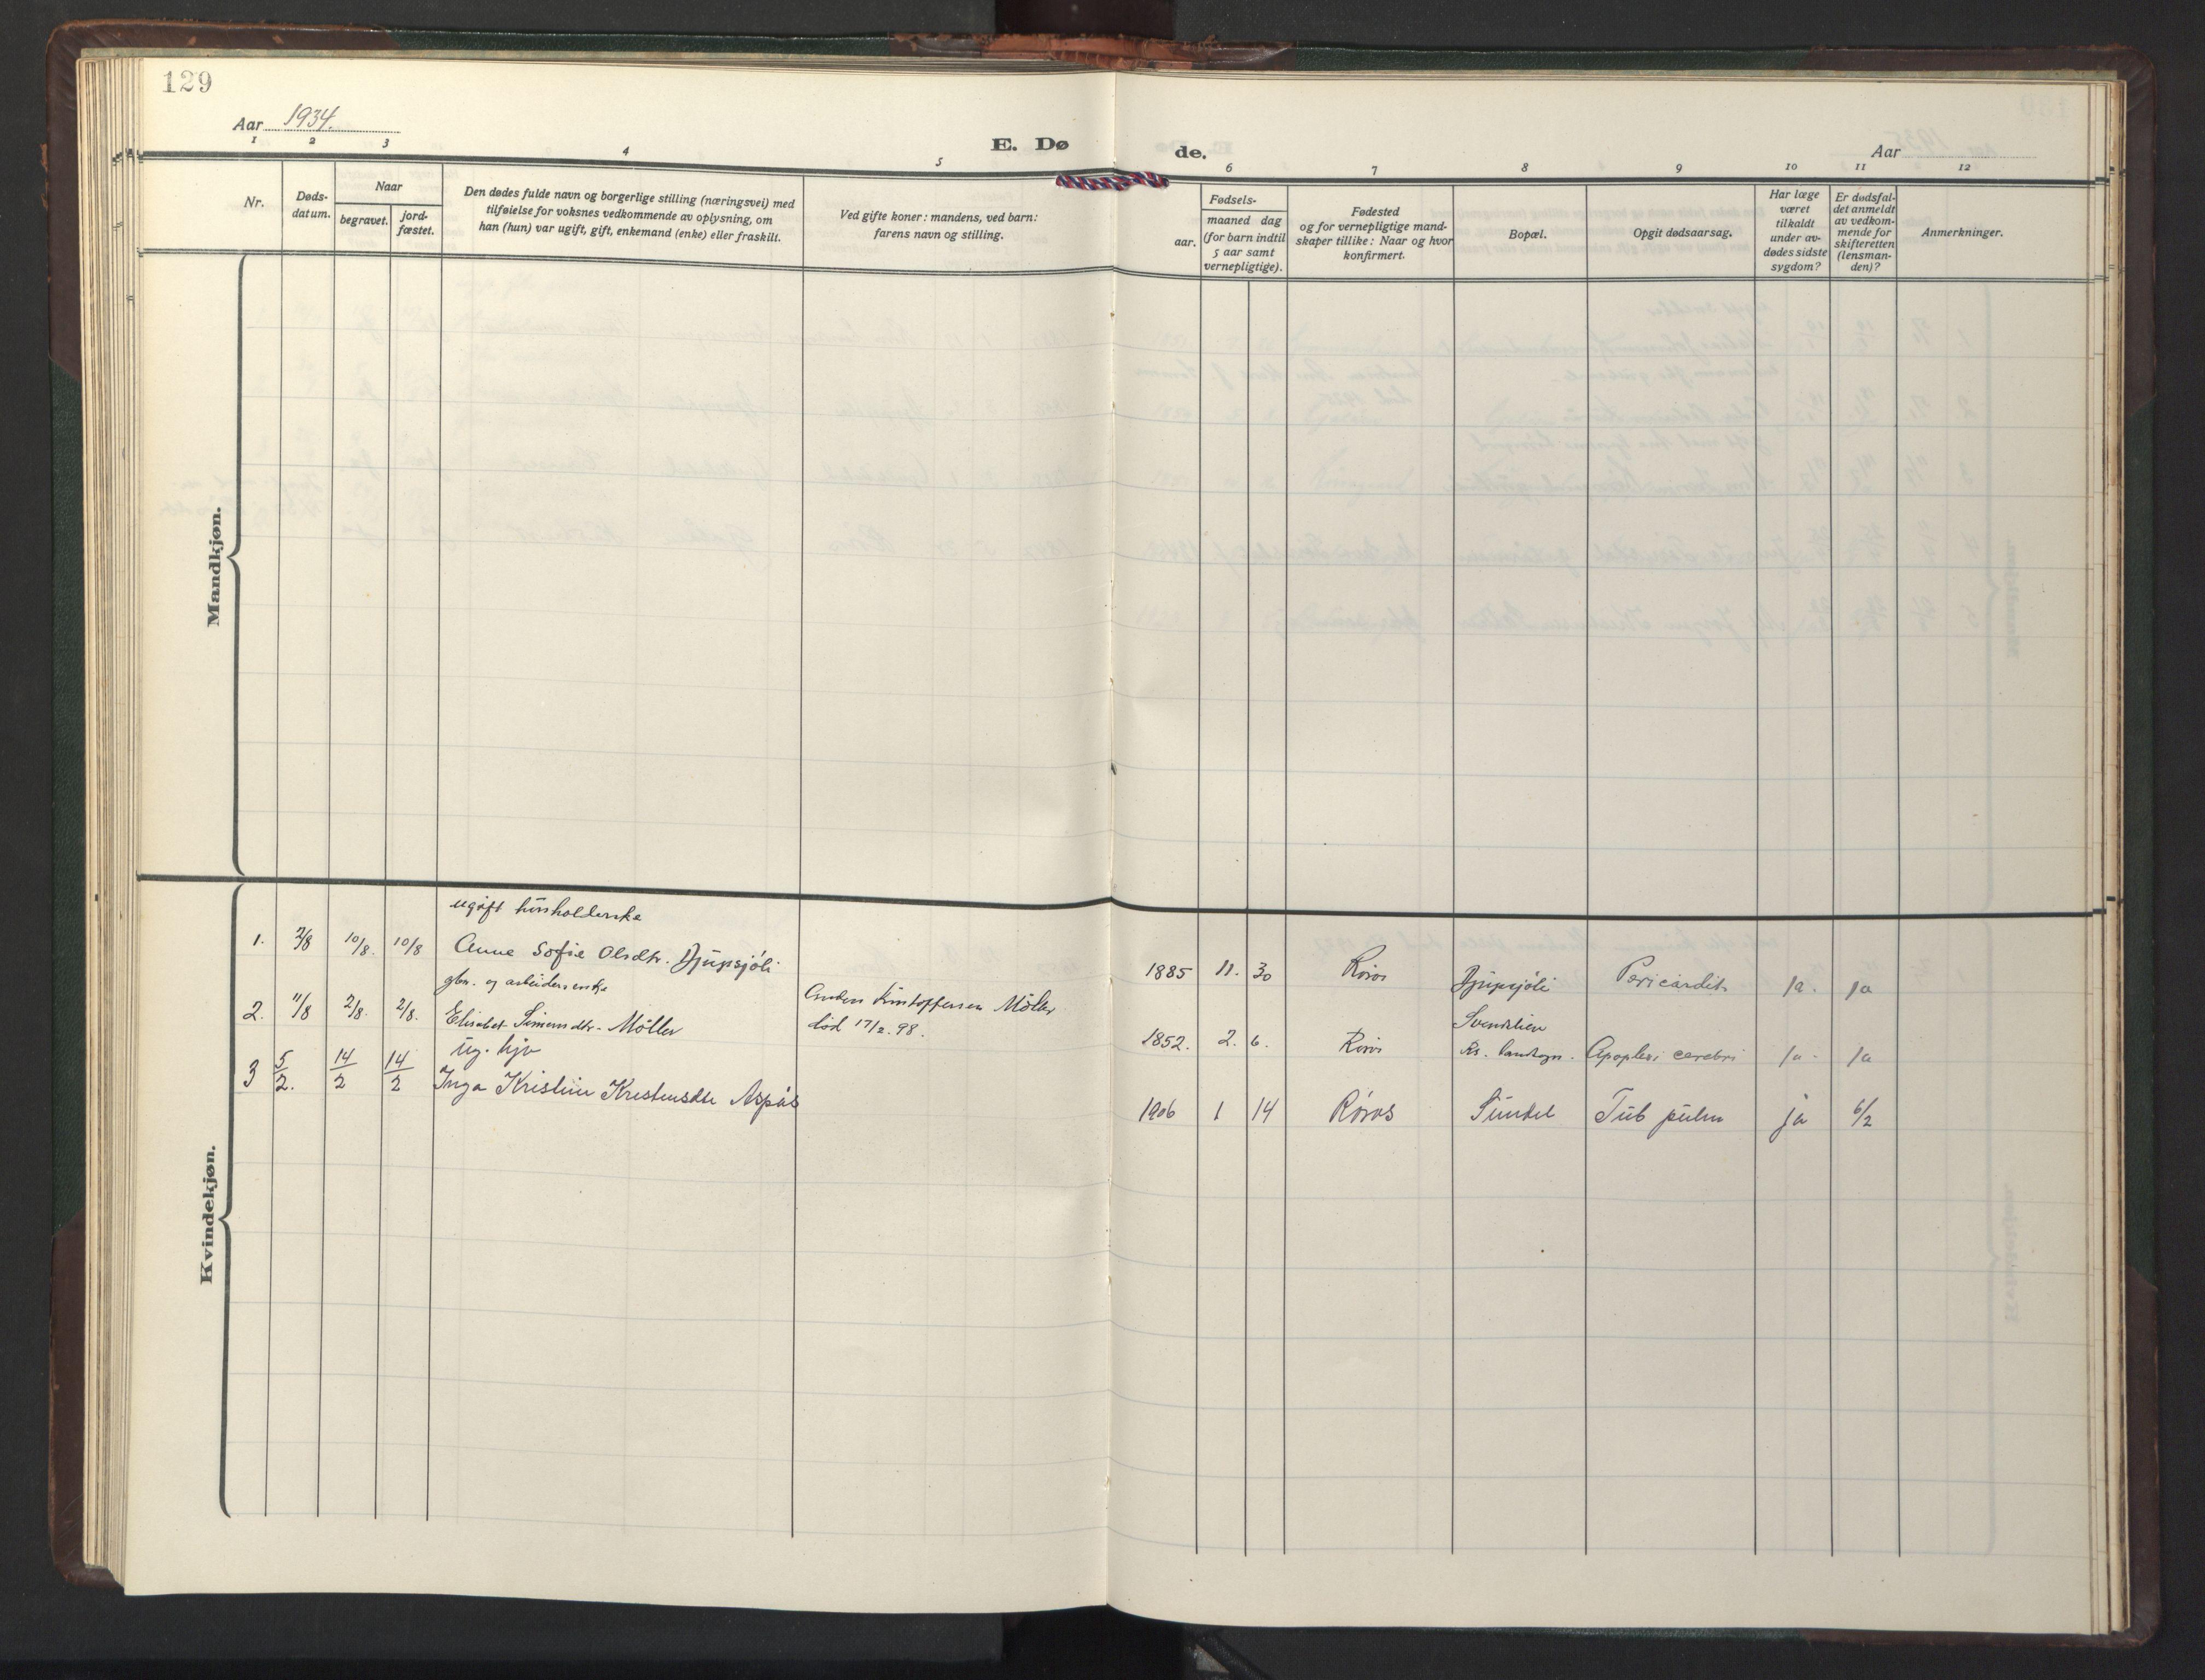 SAT, Ministerialprotokoller, klokkerbøker og fødselsregistre - Sør-Trøndelag, 681/L0944: Klokkerbok nr. 681C08, 1926-1954, s. 129